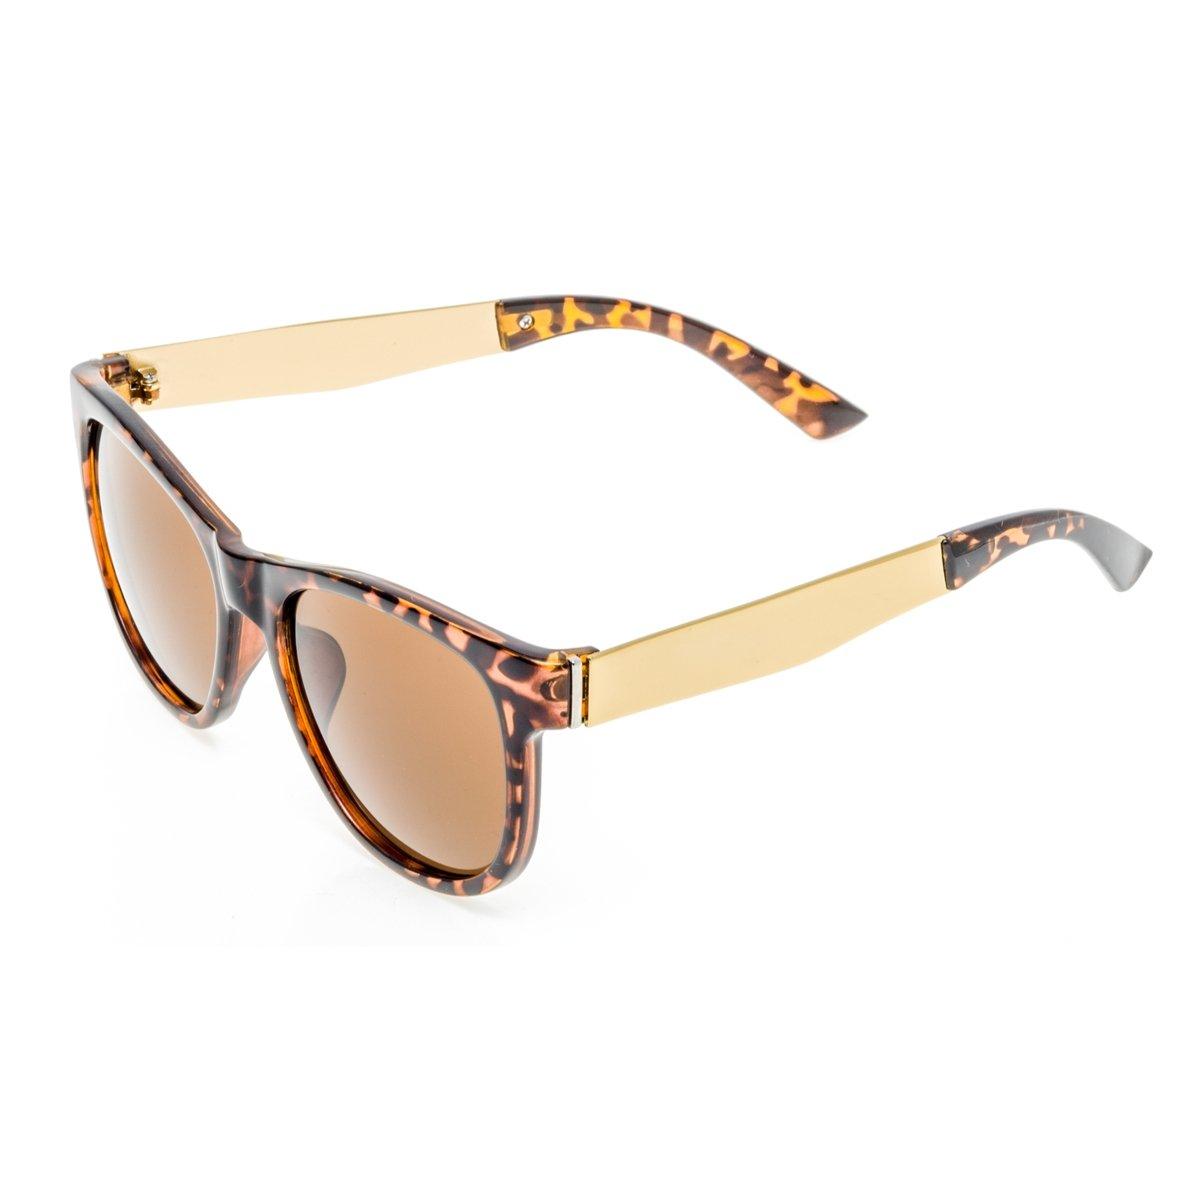 Óculos de Sol Khatto H7321 - Compre Agora   Netshoes 6438e4408e